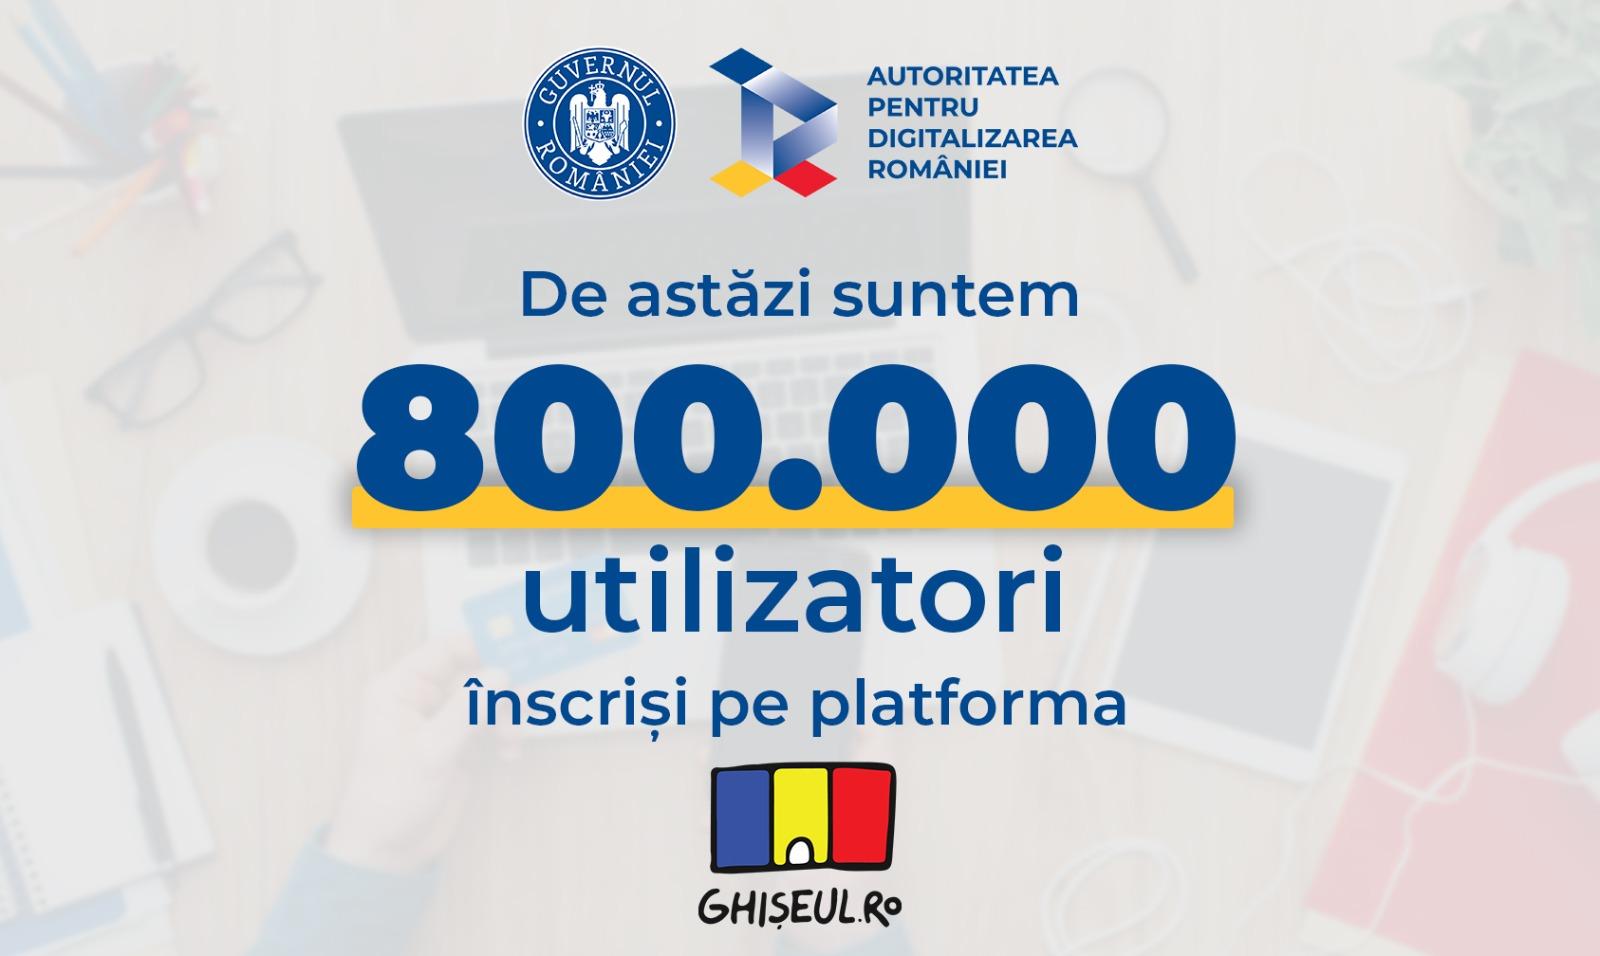 Peste 800.000 de utilizatori s-au înscris în platforma Ghișeul.ro